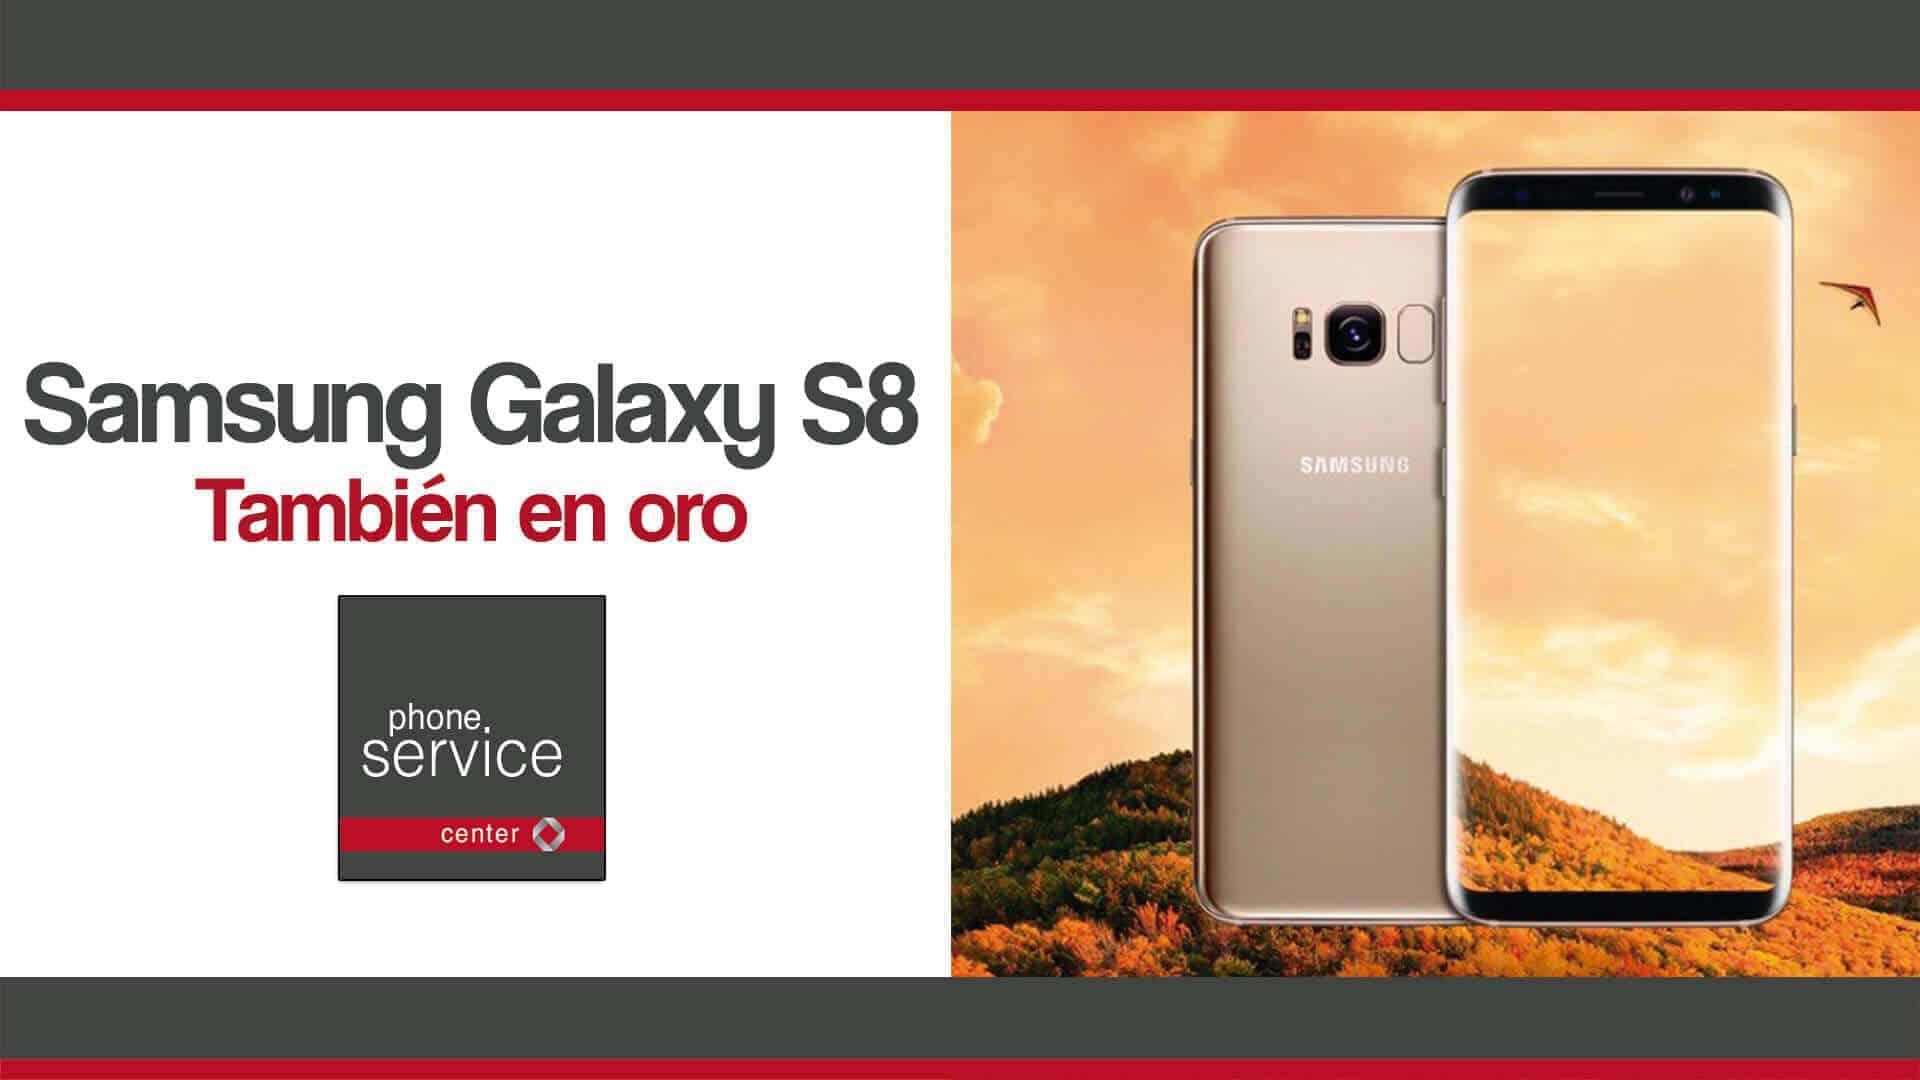 Samsung Galaxy S8 tambien en oro